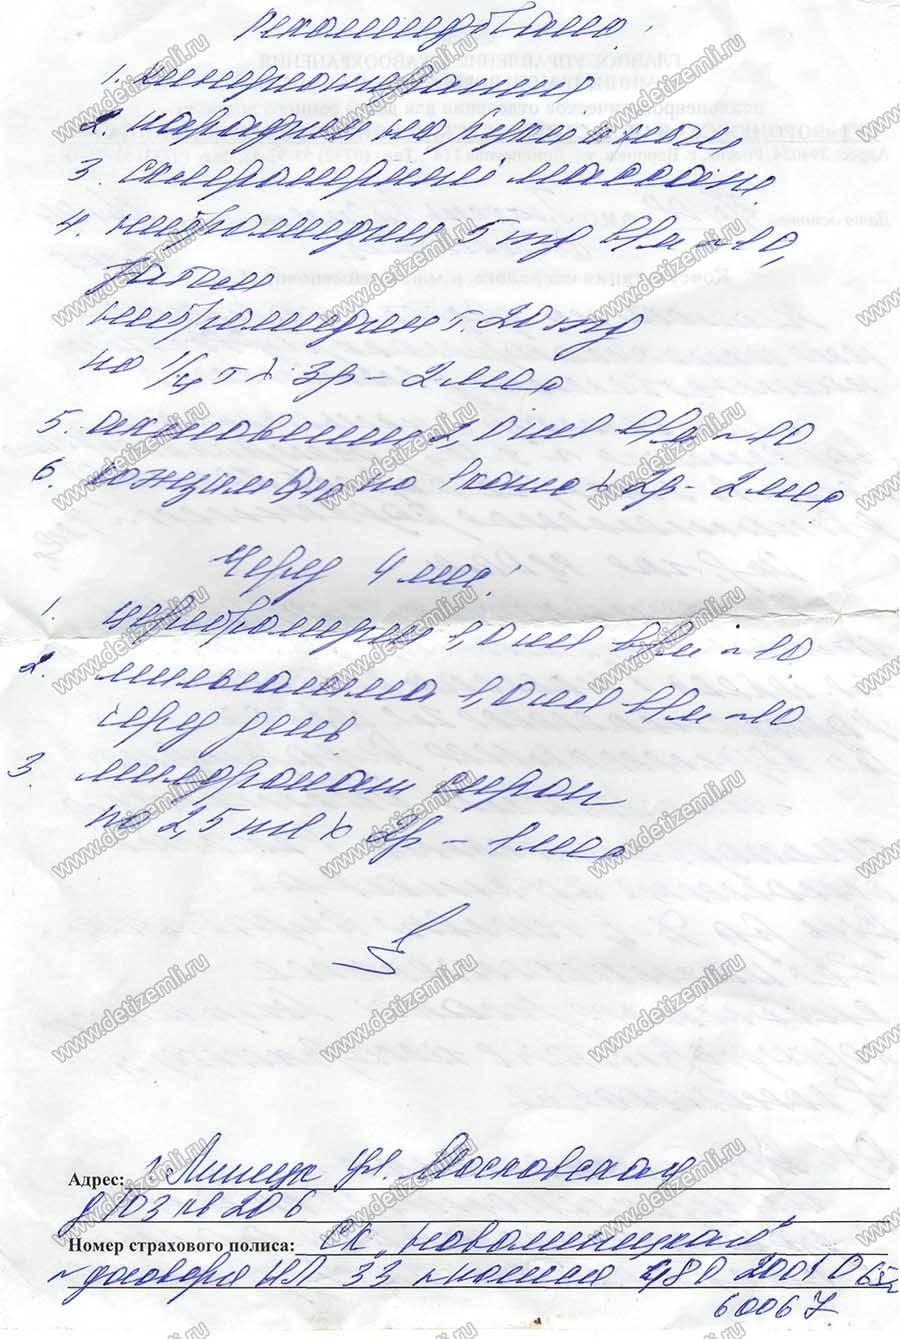 Поликлиника 2 москва филиал 2 ул расписание врачей